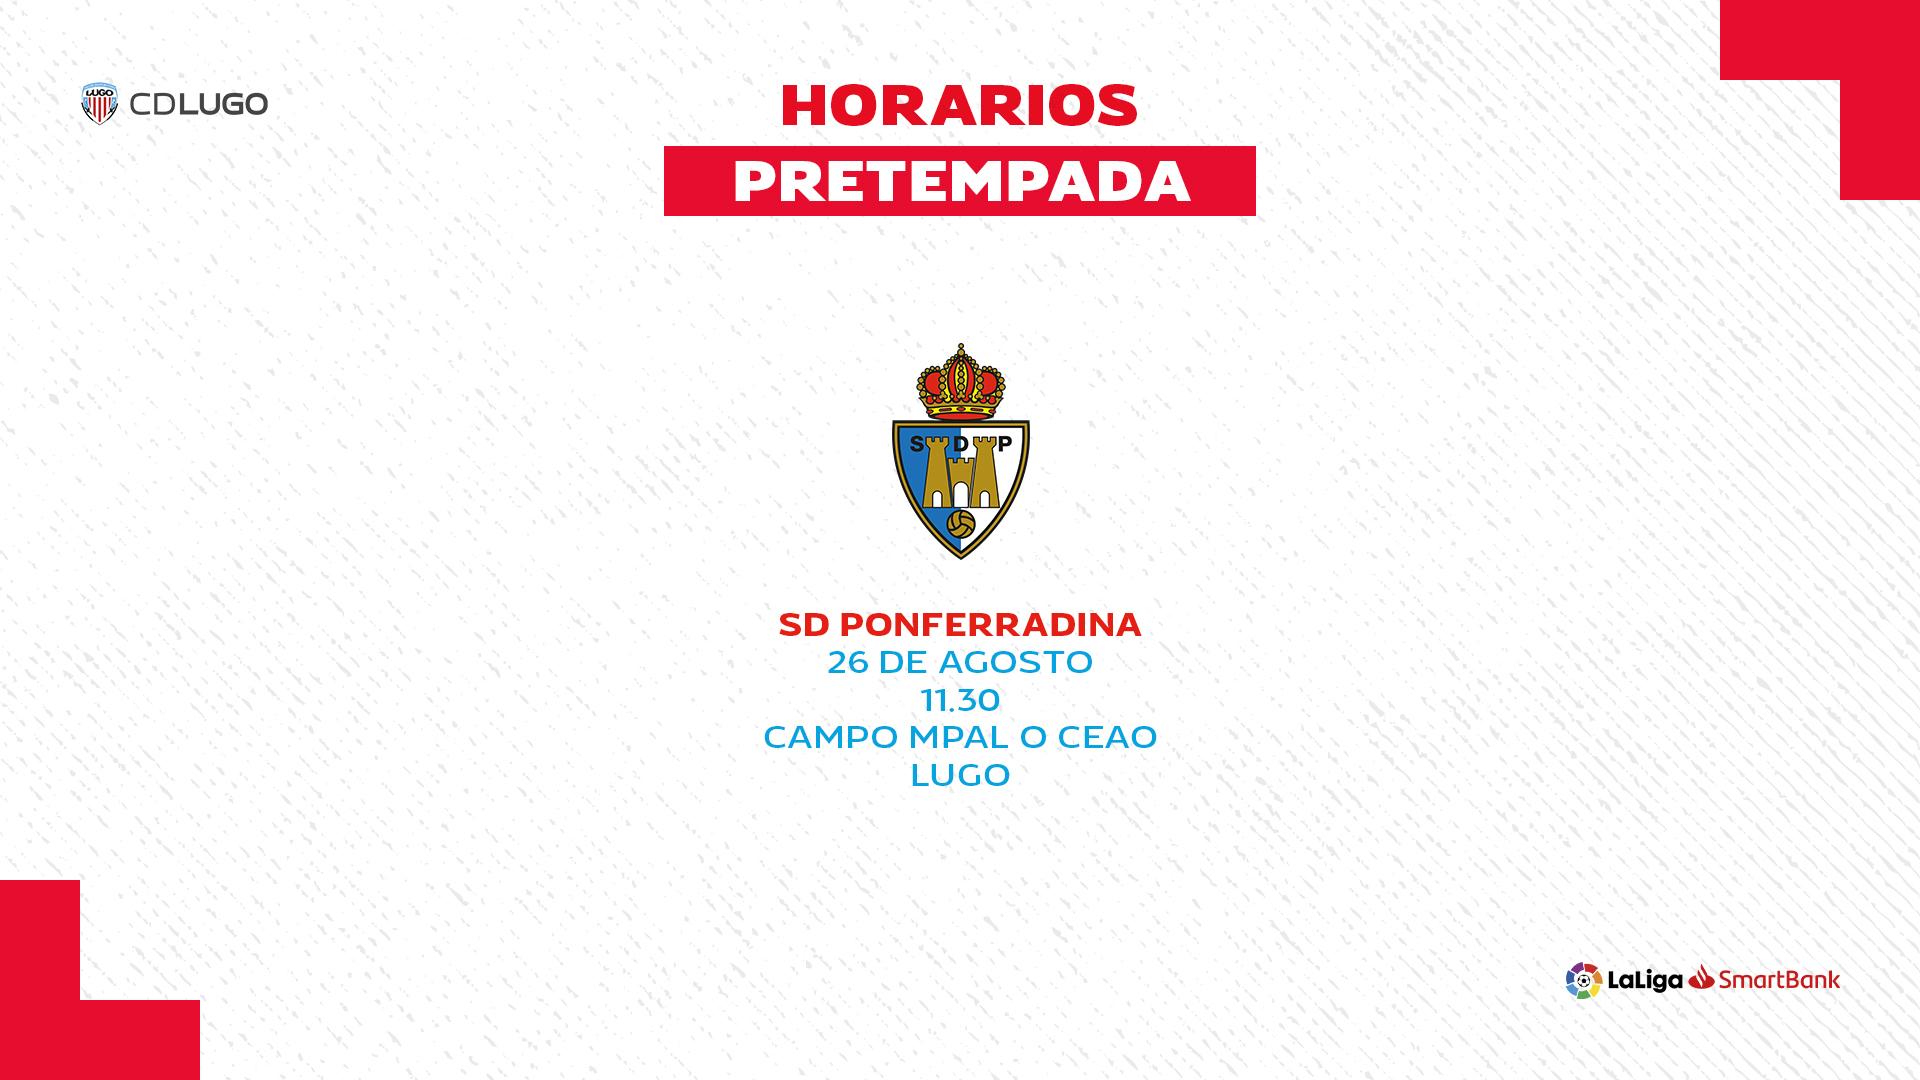 La Ponferradina jugará un amistoso el miércoles con el CD Lugo en el municipal de O Ceao 1